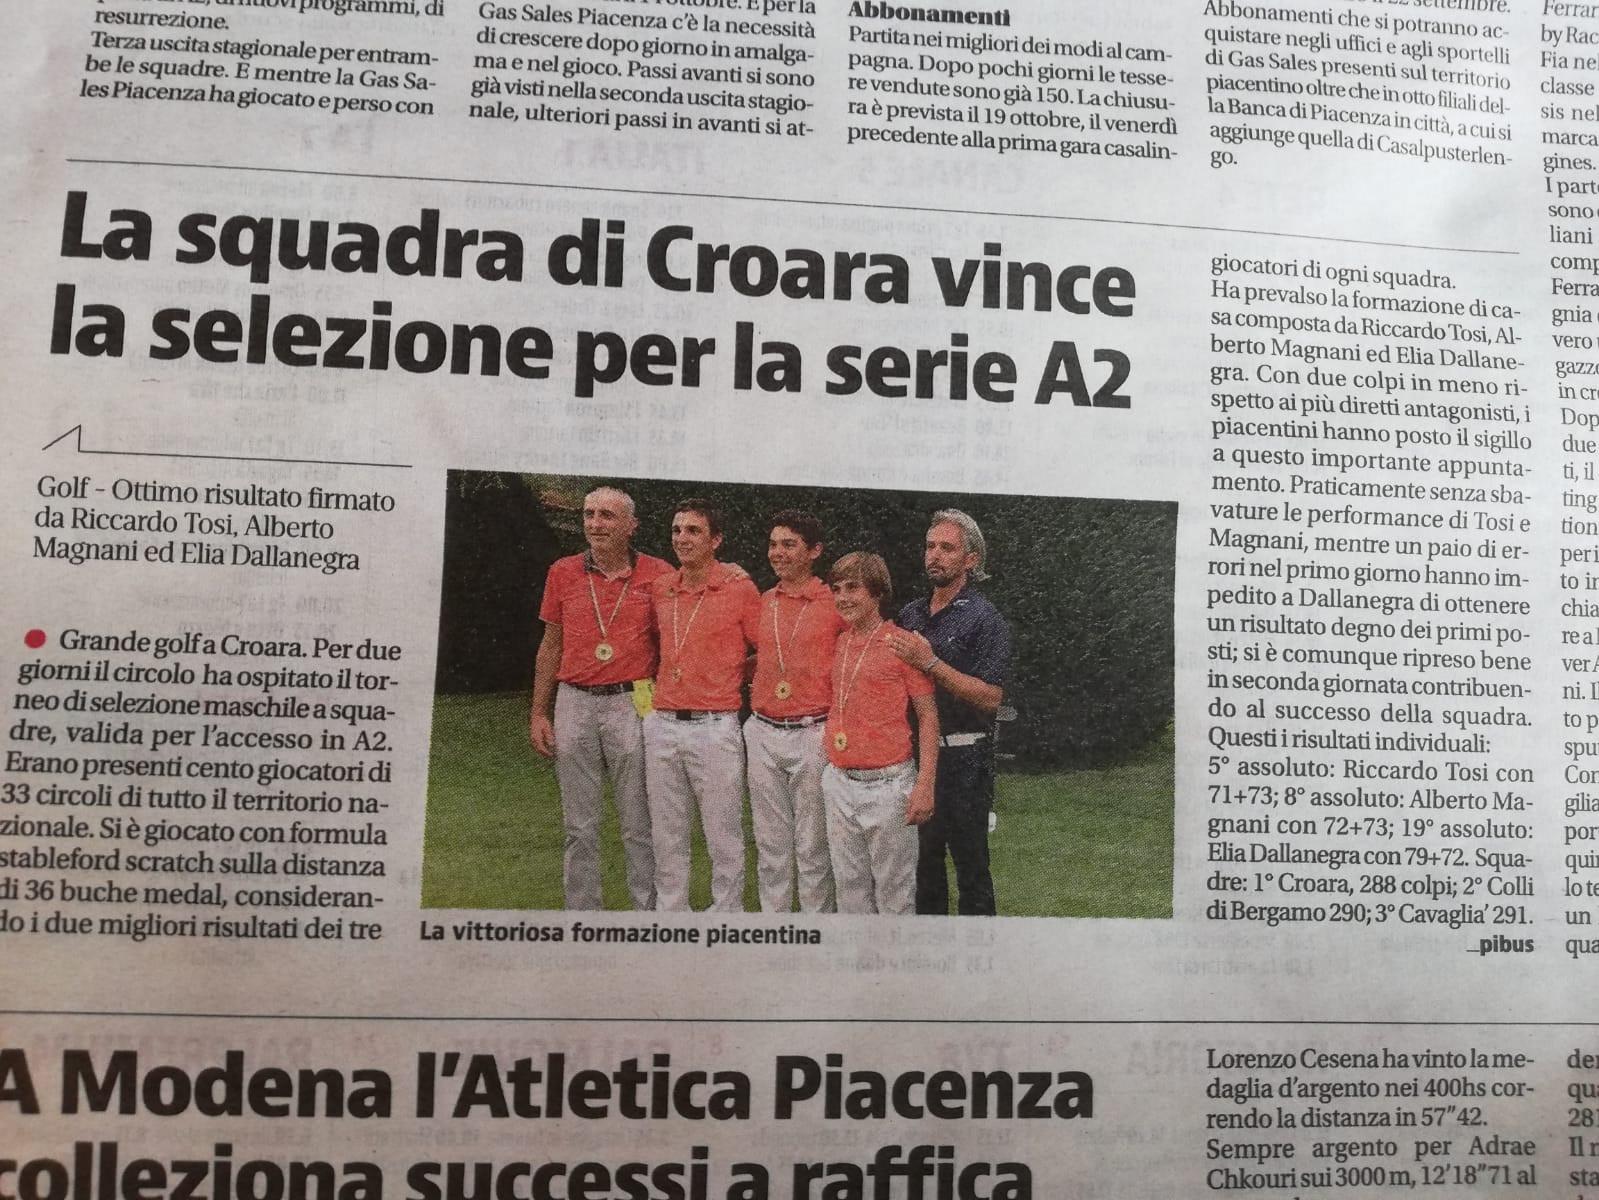 La squadra di golf di Croara vince la selezione per la serie A2